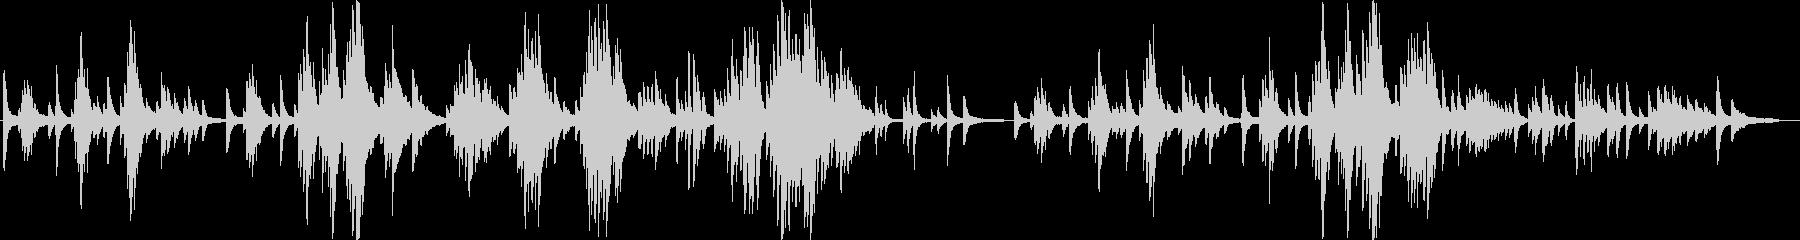 穏やかなピアノソロの未再生の波形